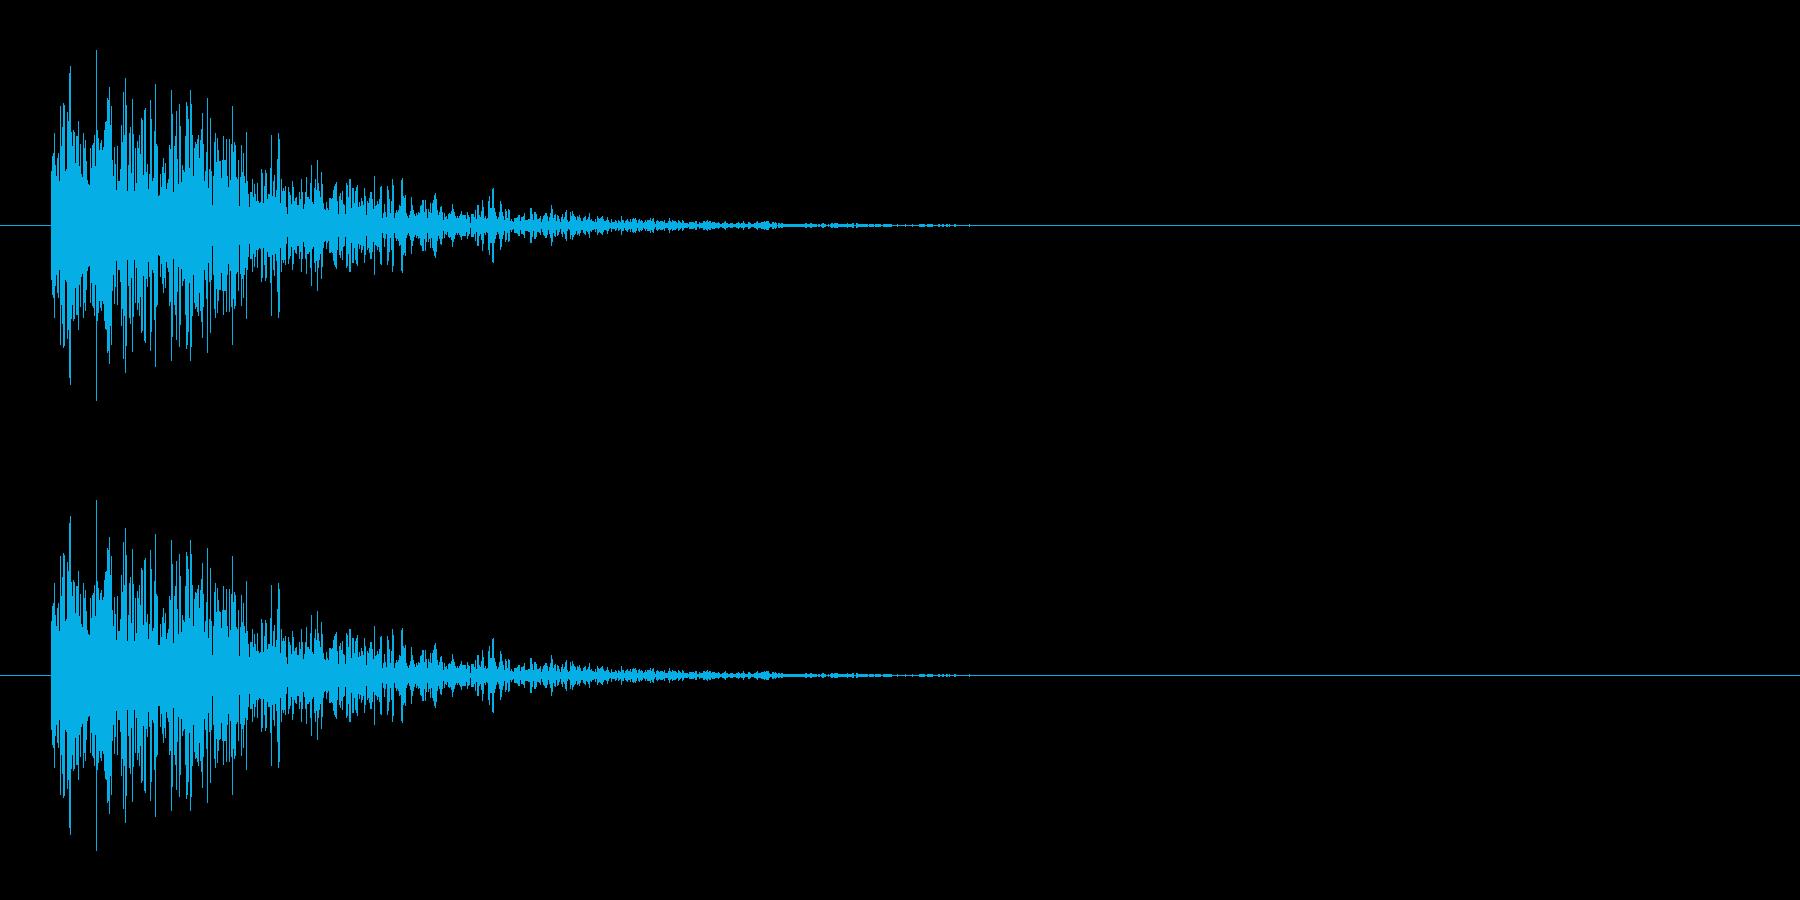 ダメージ音 15の再生済みの波形